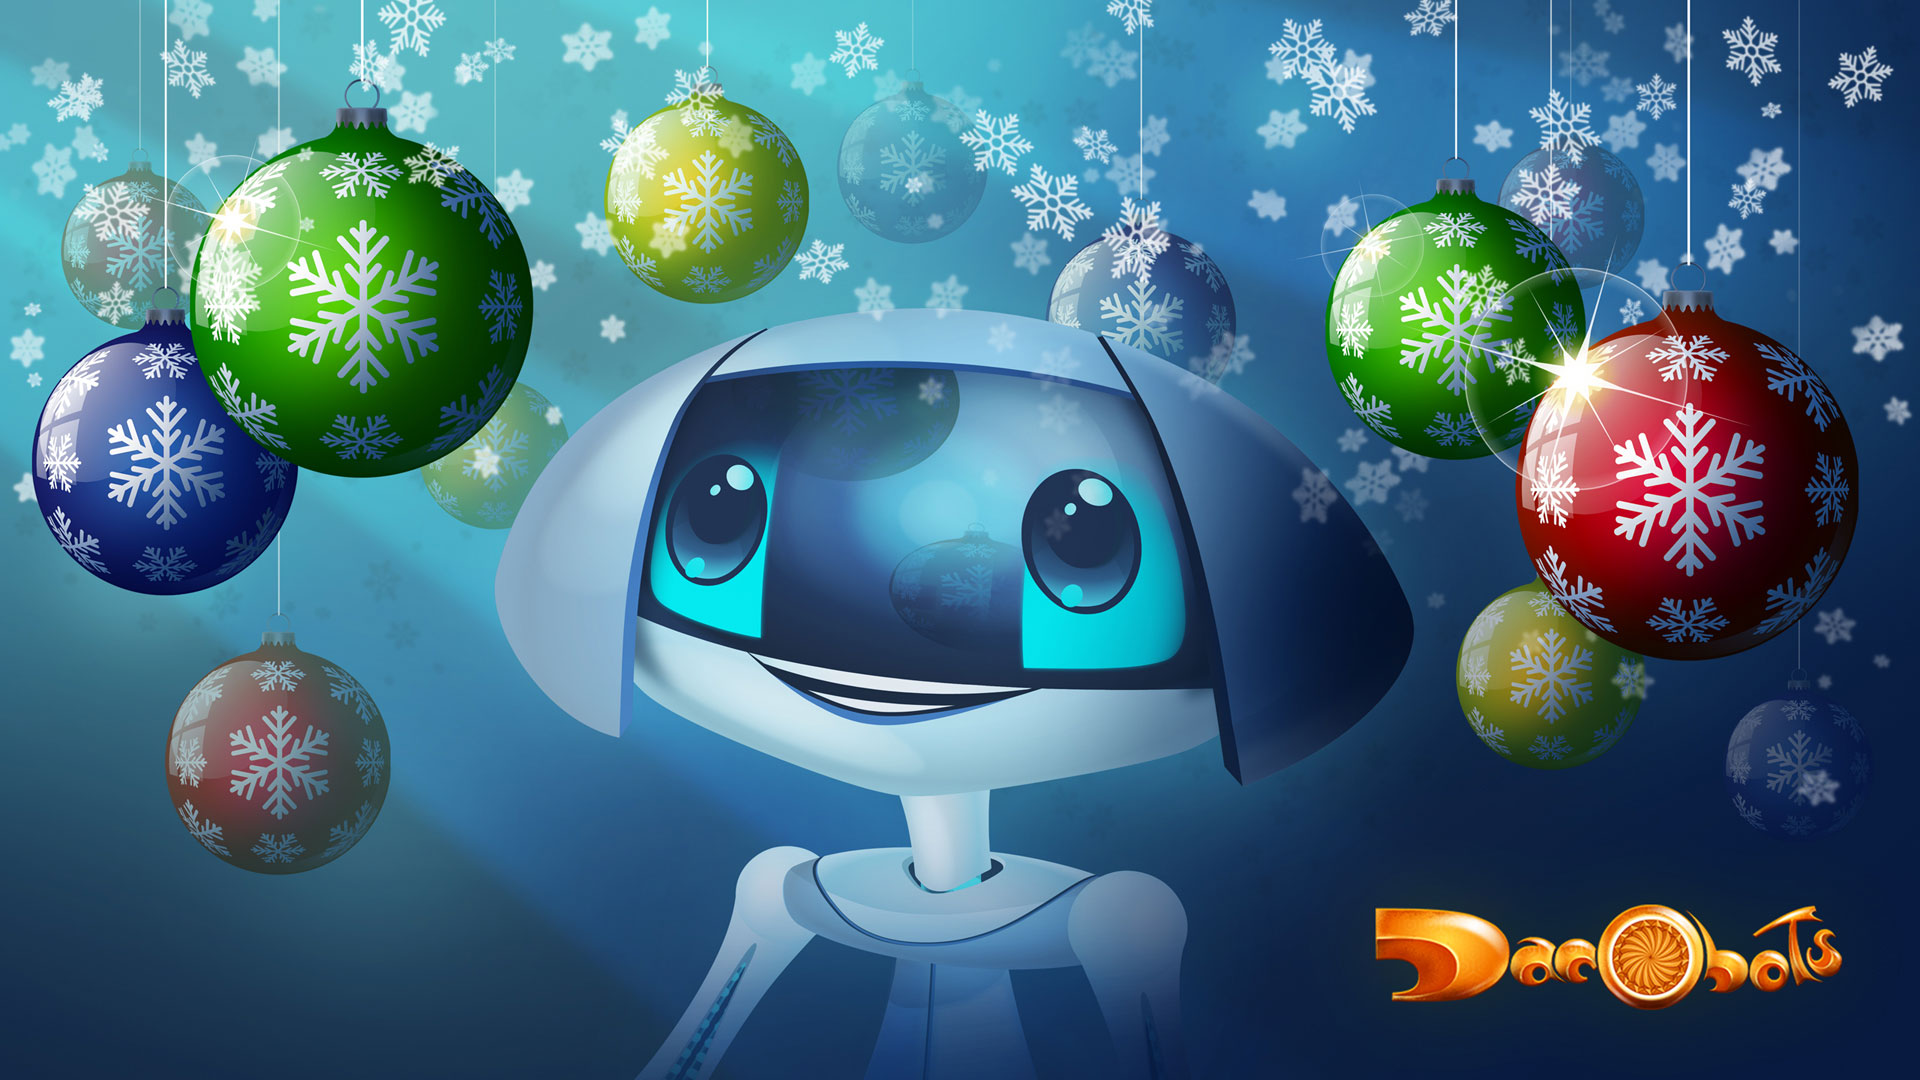 holidays_03_1920_1080